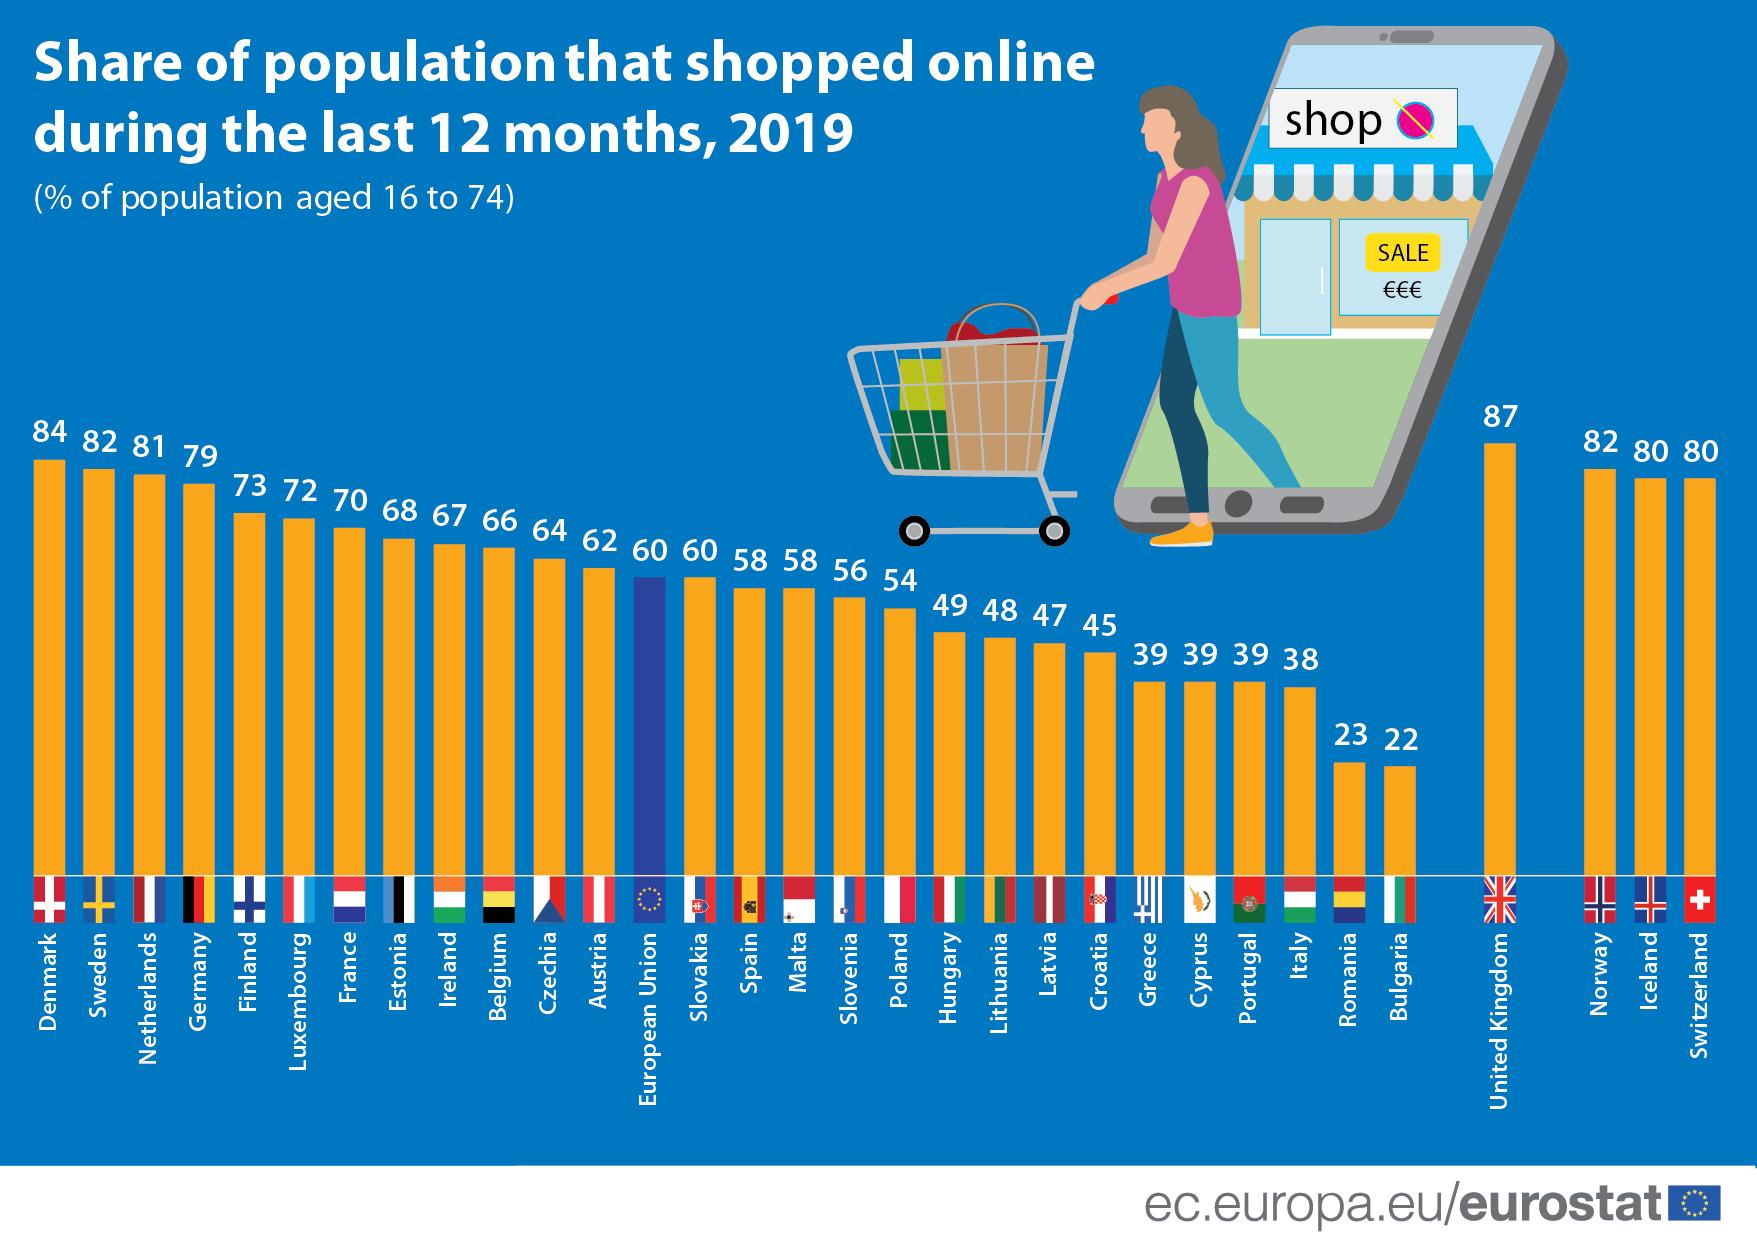 信息图:2019年最后12个月在线购物的人口比例